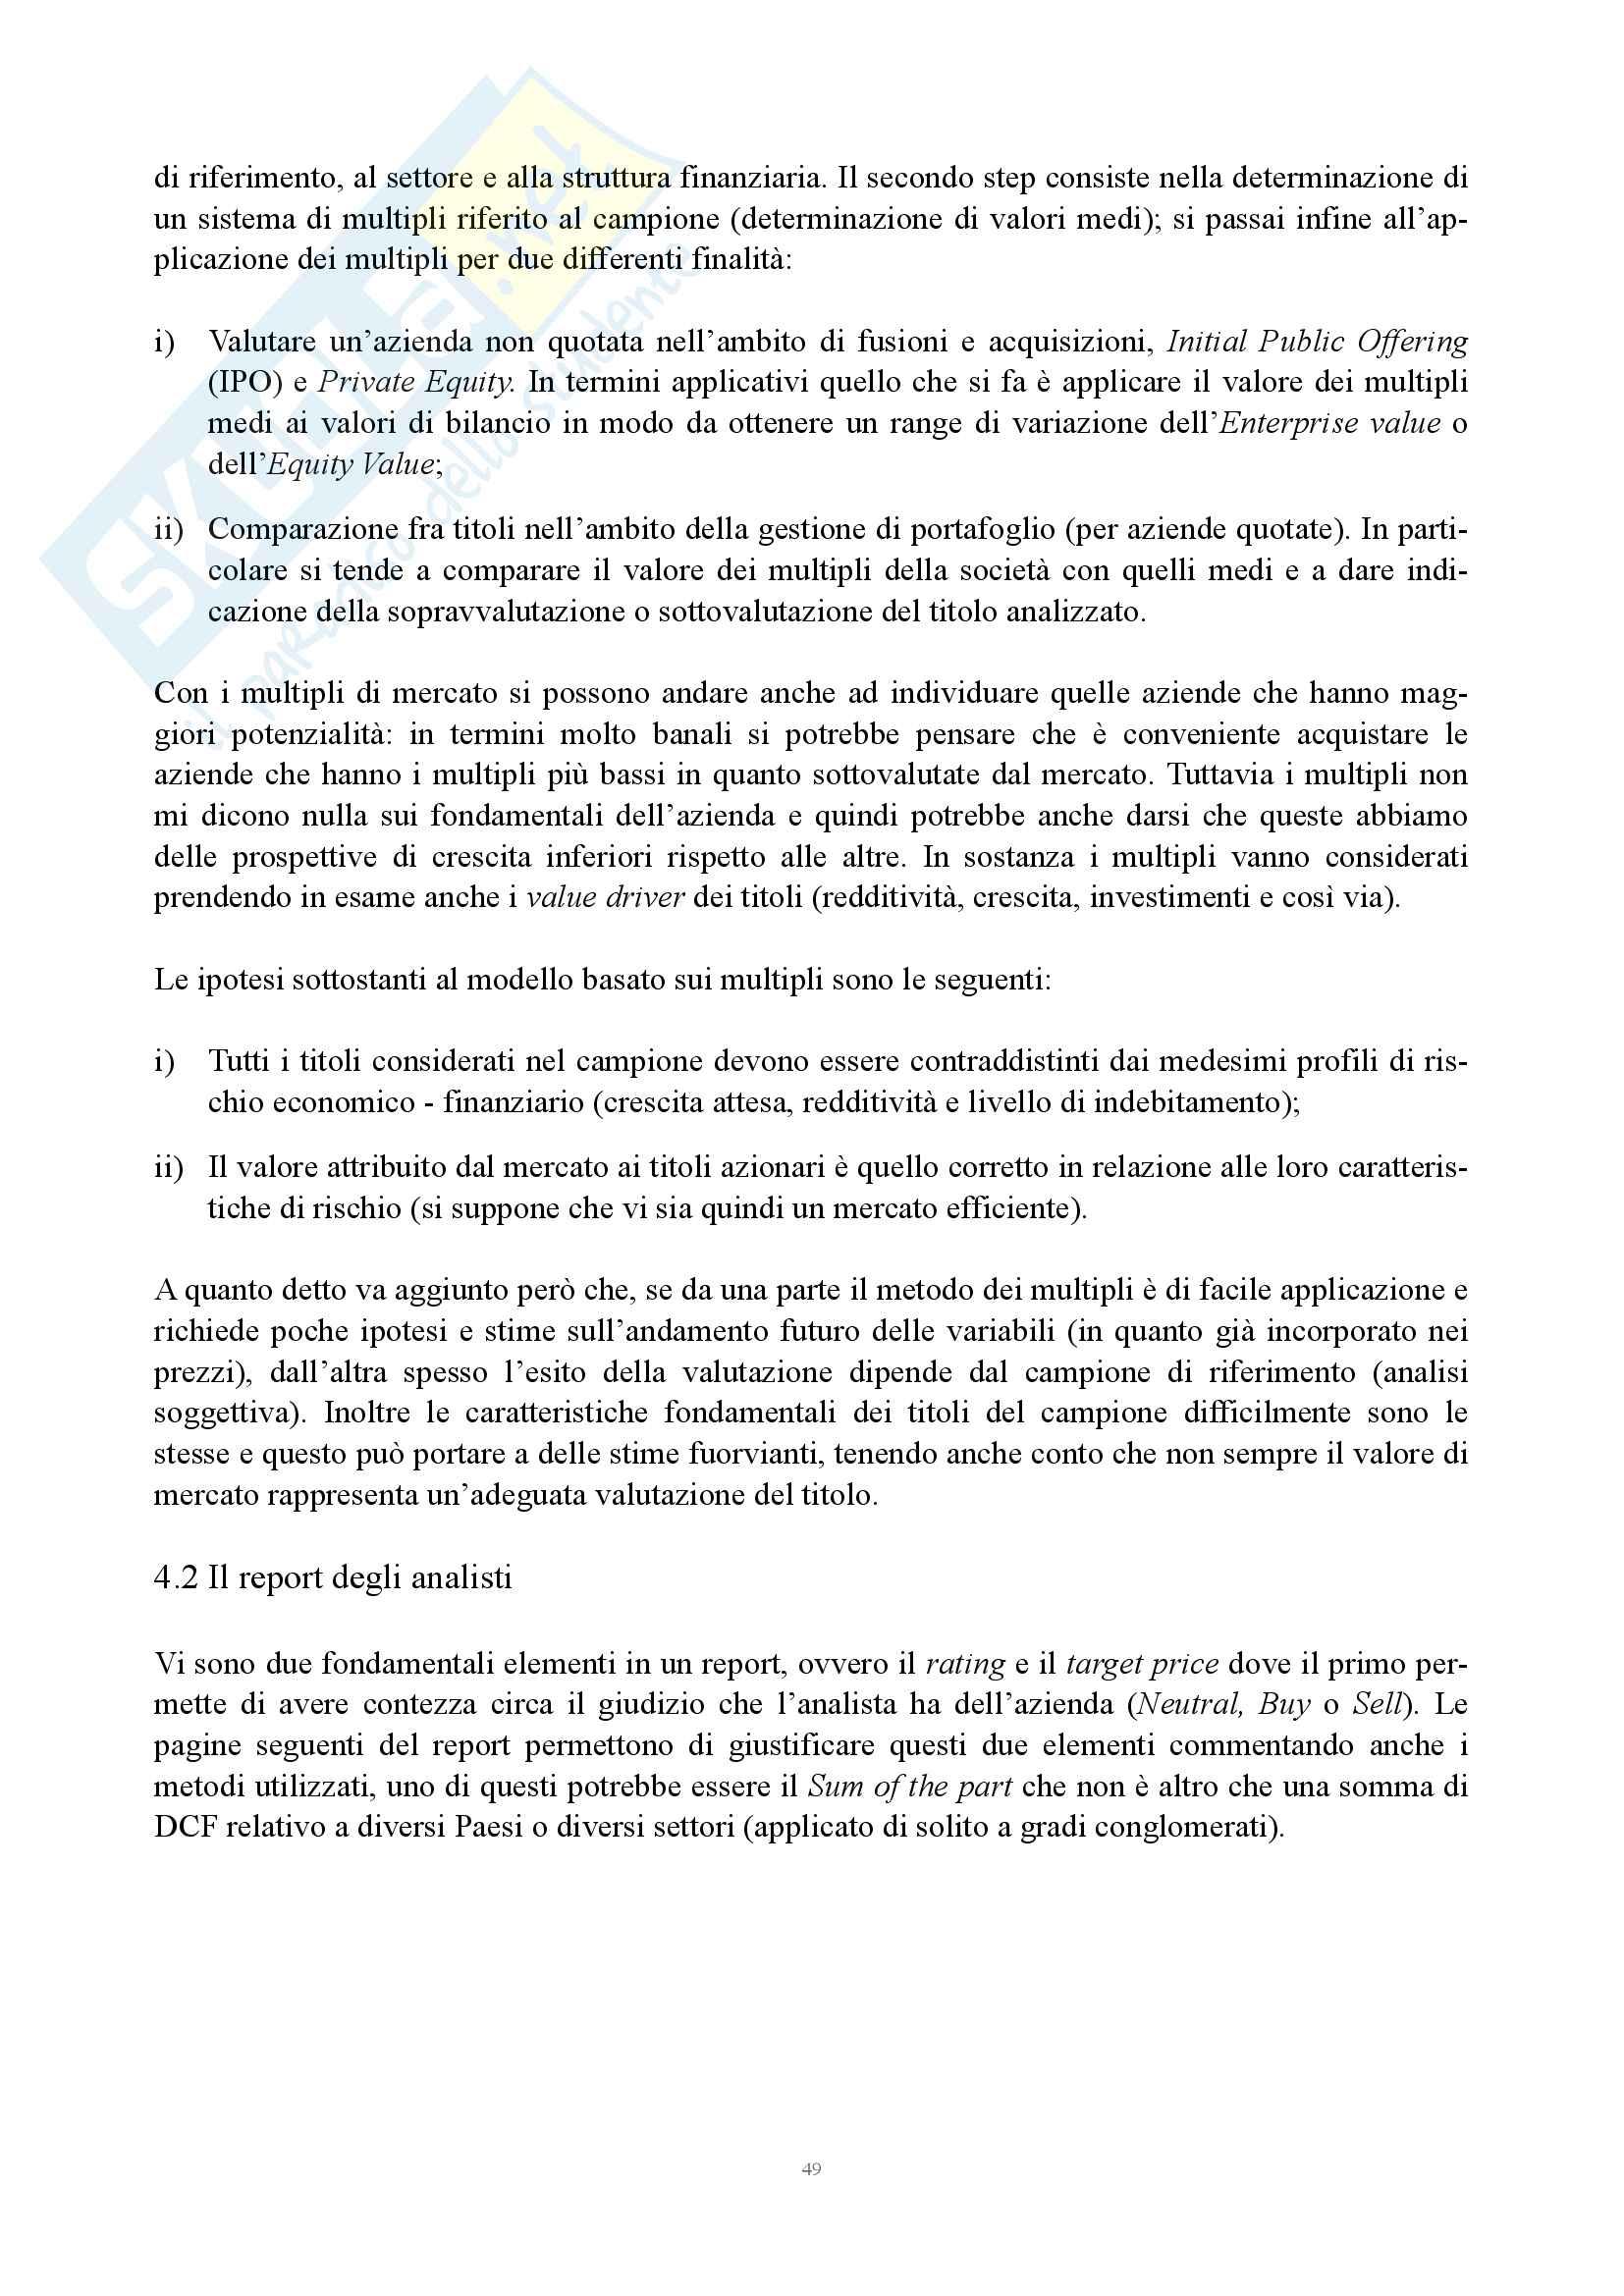 Appunti Informativa, governance e controlli in banche e assicurazioni Pag. 51